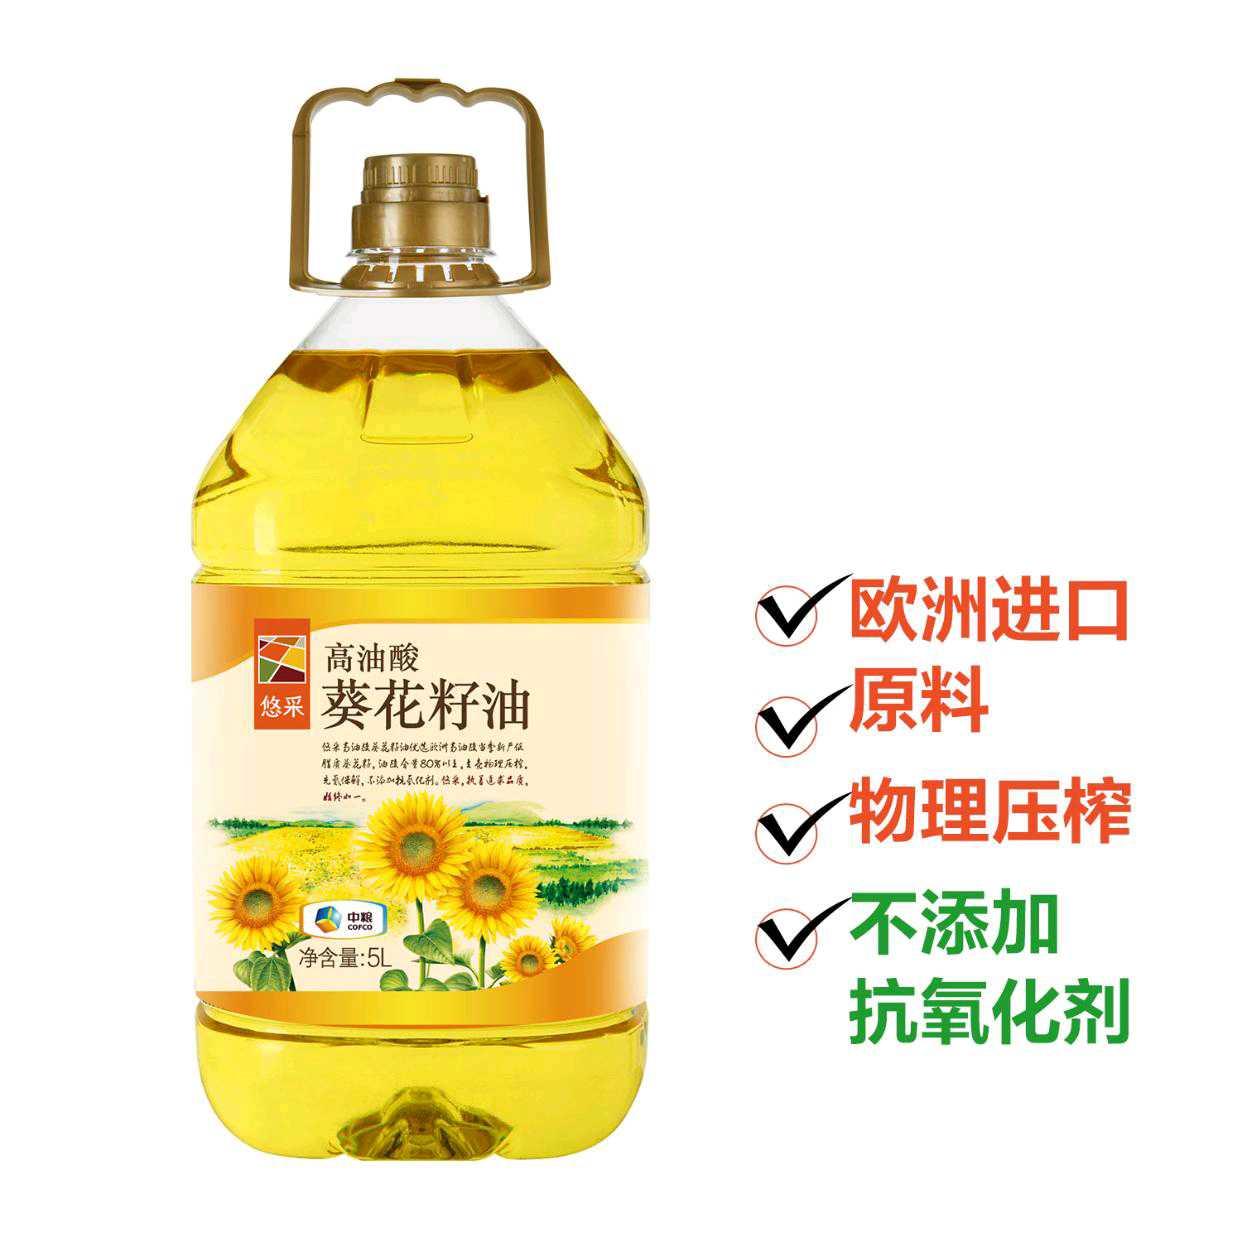 中粮悠采高油酸葵花籽油5L欧洲进口原料不添加抗氧化剂压榨包邮